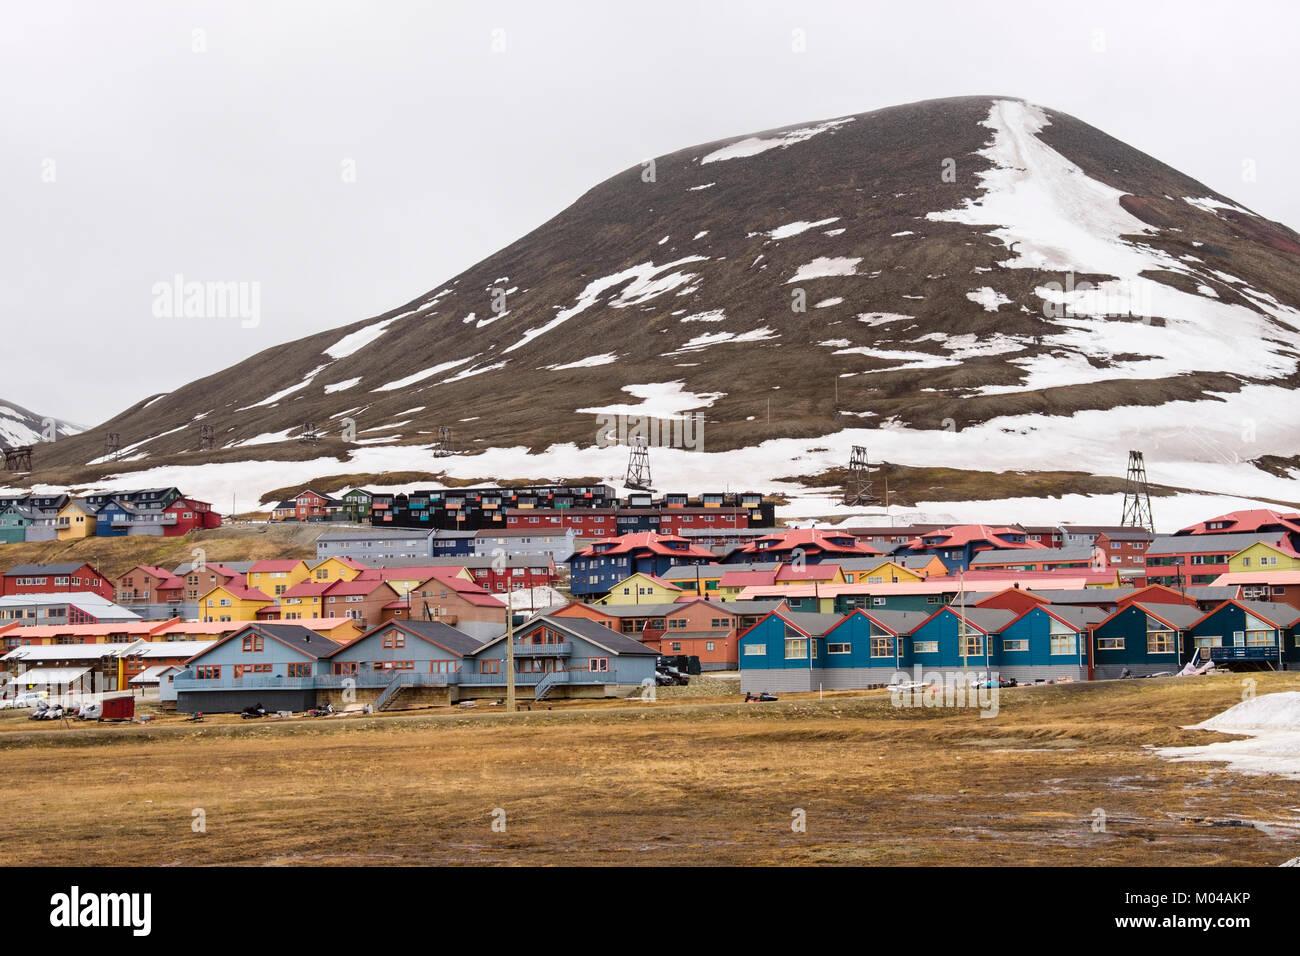 Wooden Wohnhäusern im Sommer in der alten Minenstadt Longyearbyen, Spitzbergen, Svalbard, Norwegen, Skandinavien Stockbild